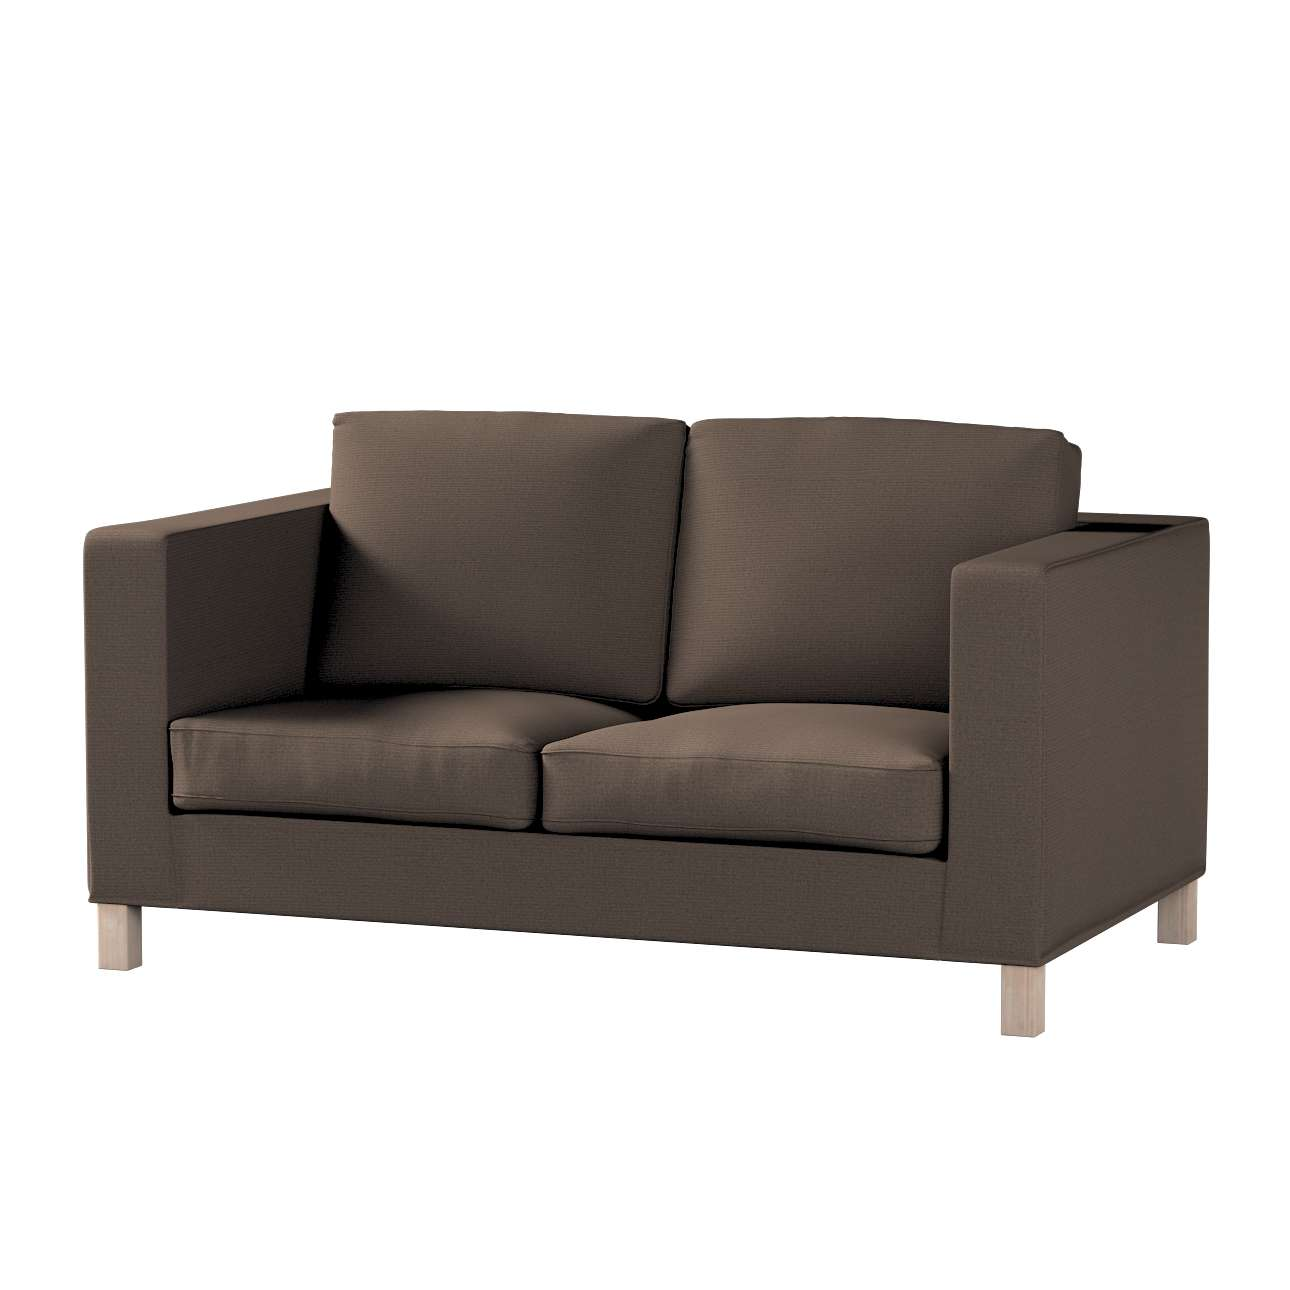 Pokrowiec na sofę Karlanda 2-osobową nierozkładaną, krótki w kolekcji Etna , tkanina: 705-08